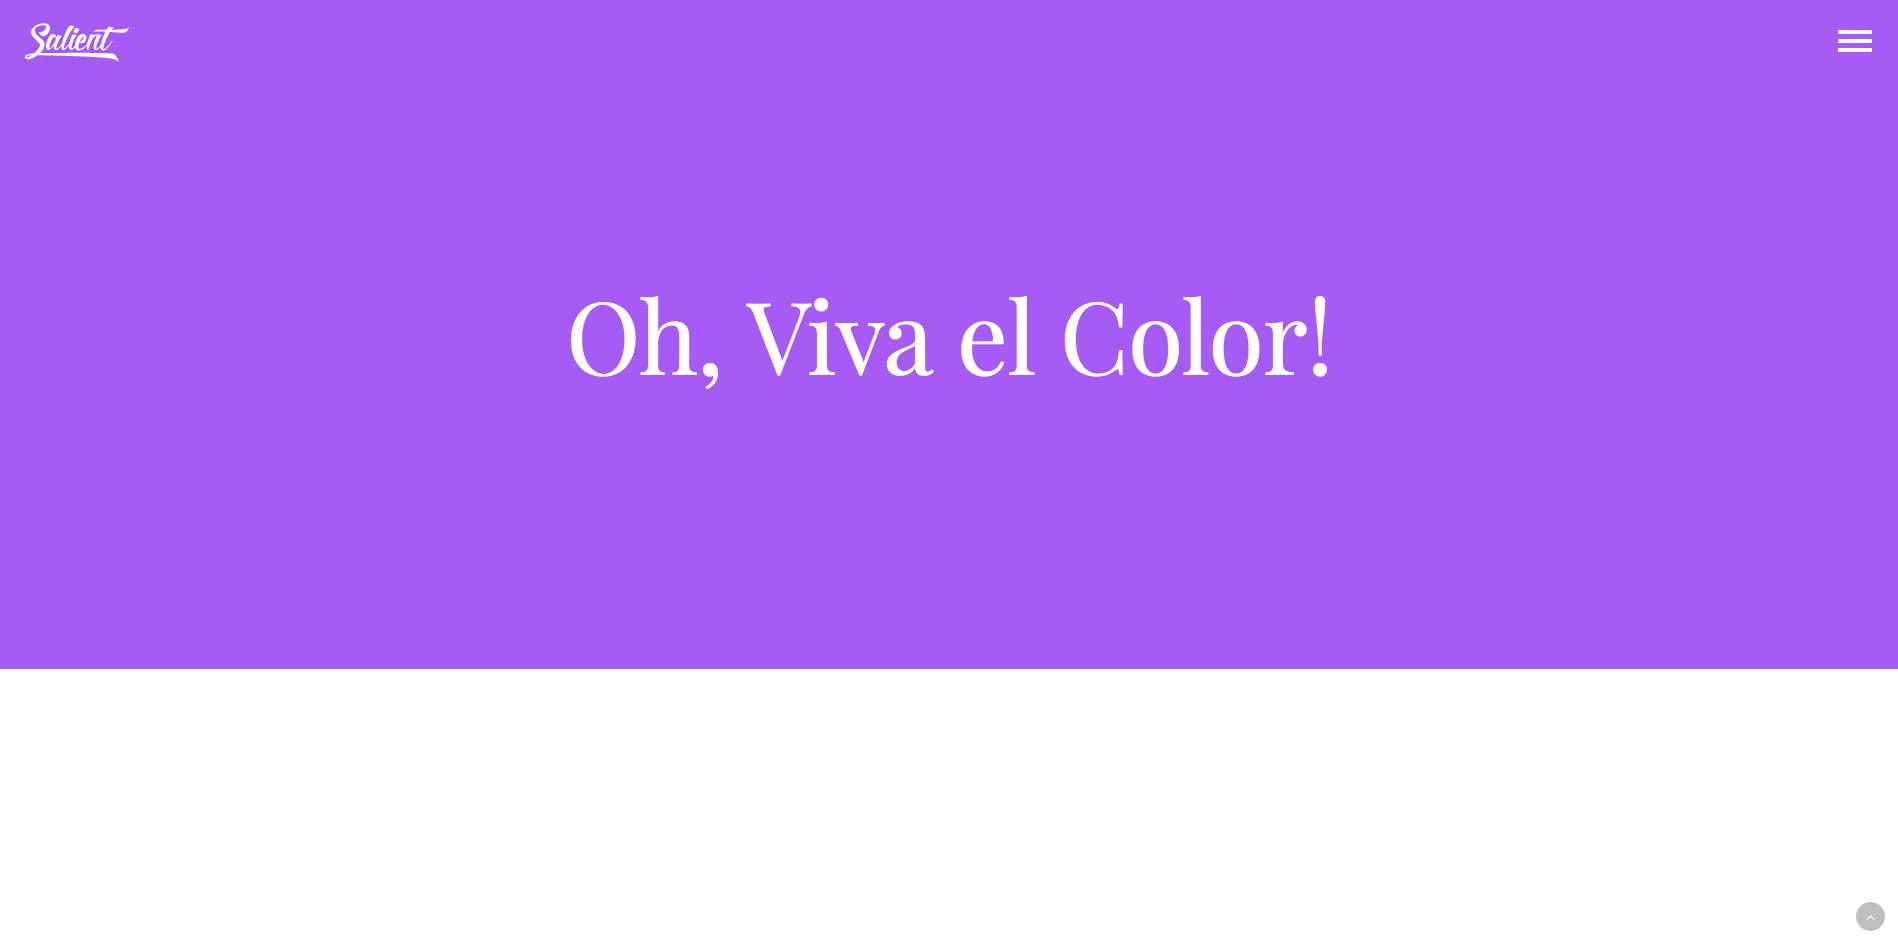 Colores vivos y fuentes grandes